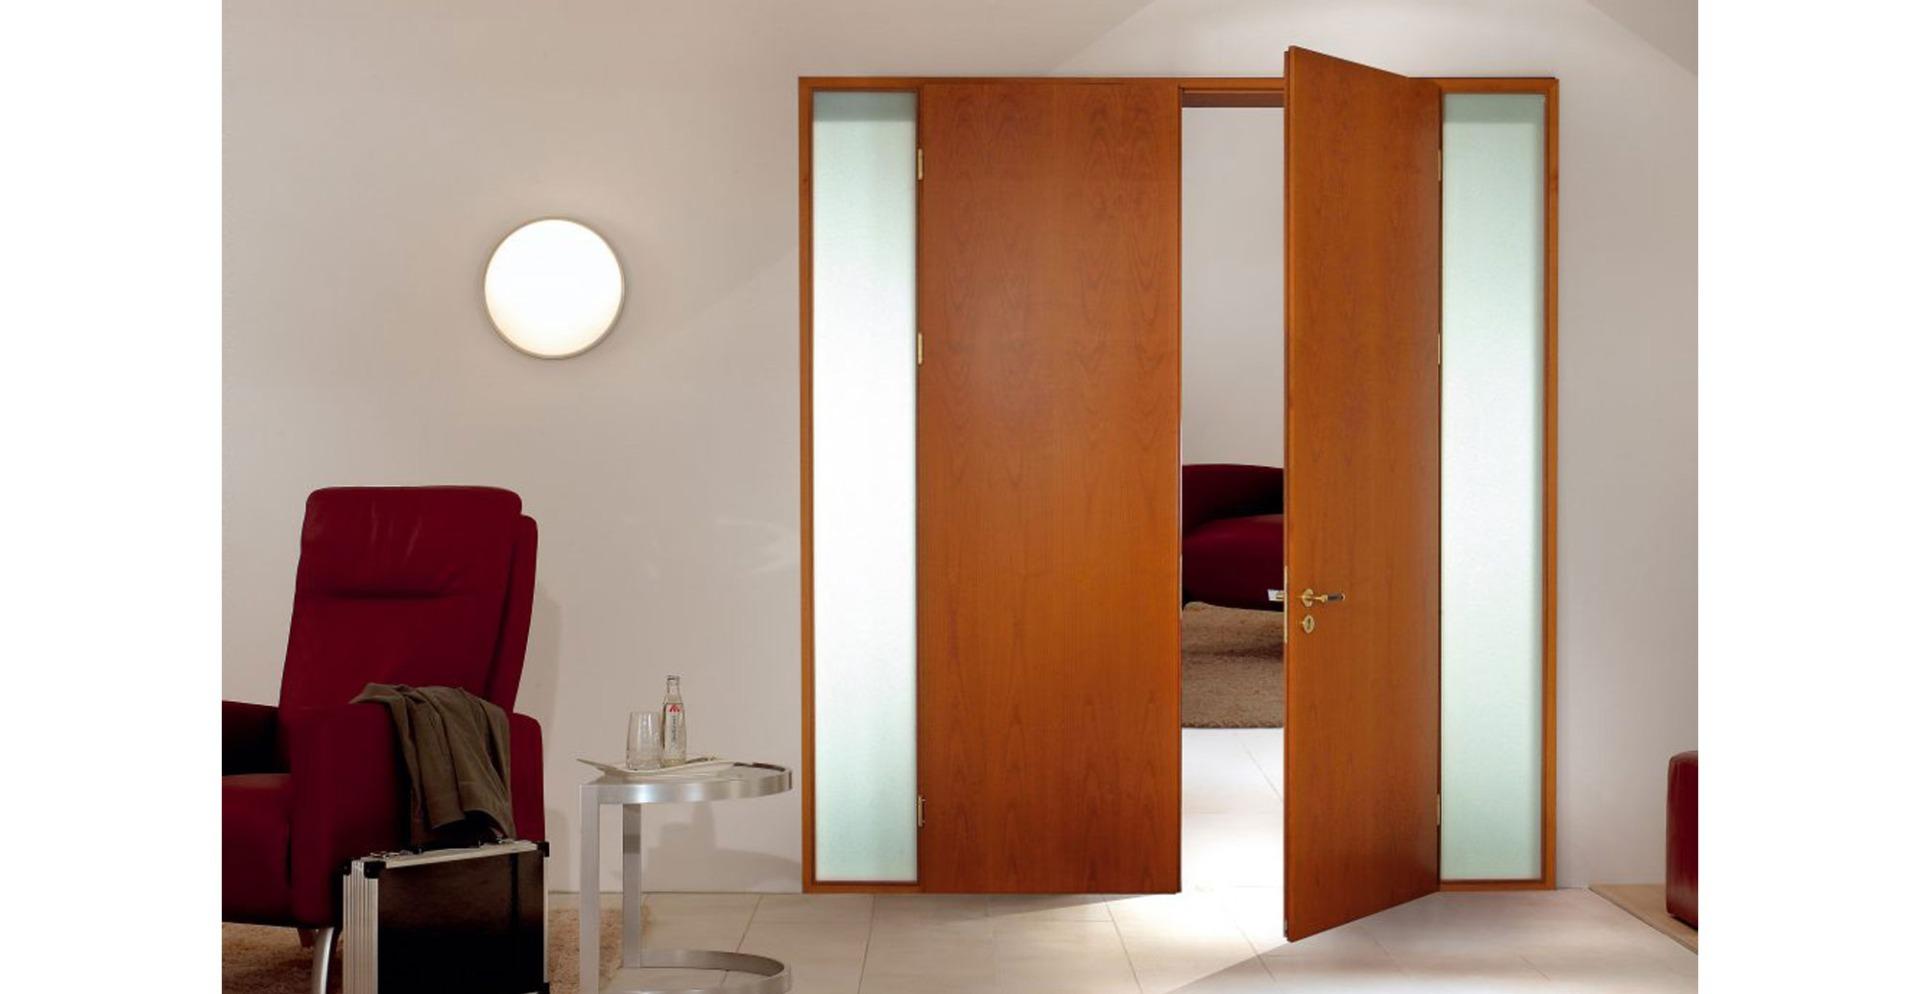 Cherry Doors - Modern Interior Bespoke Doors  sc 1 st  Doors4UK & Cherry Doors | Modern Interior Wooden Doors Fire | Bespoke Doors